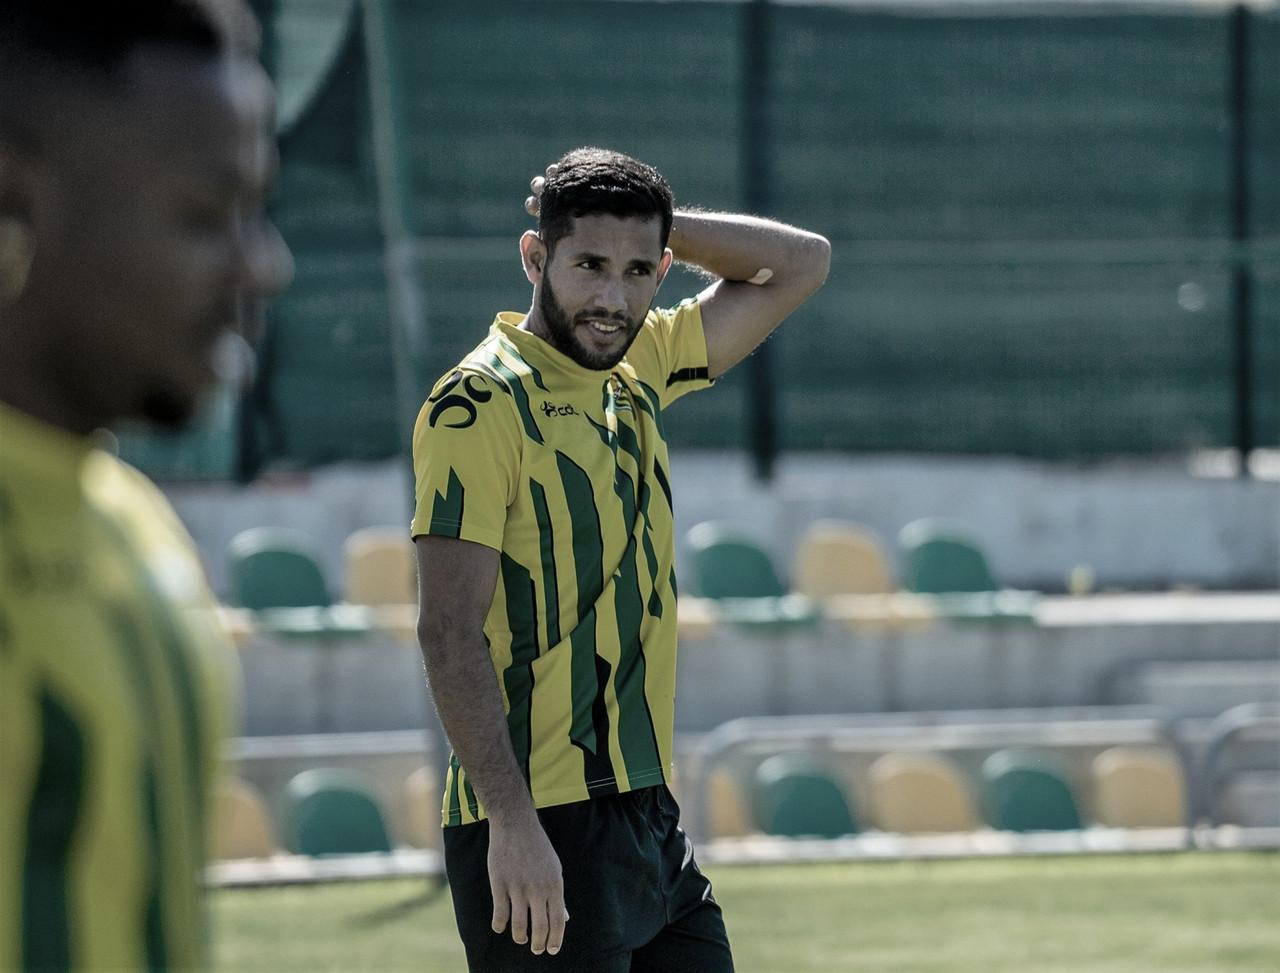 Bebeto comenta expectativas sobre início do Campeonato Português